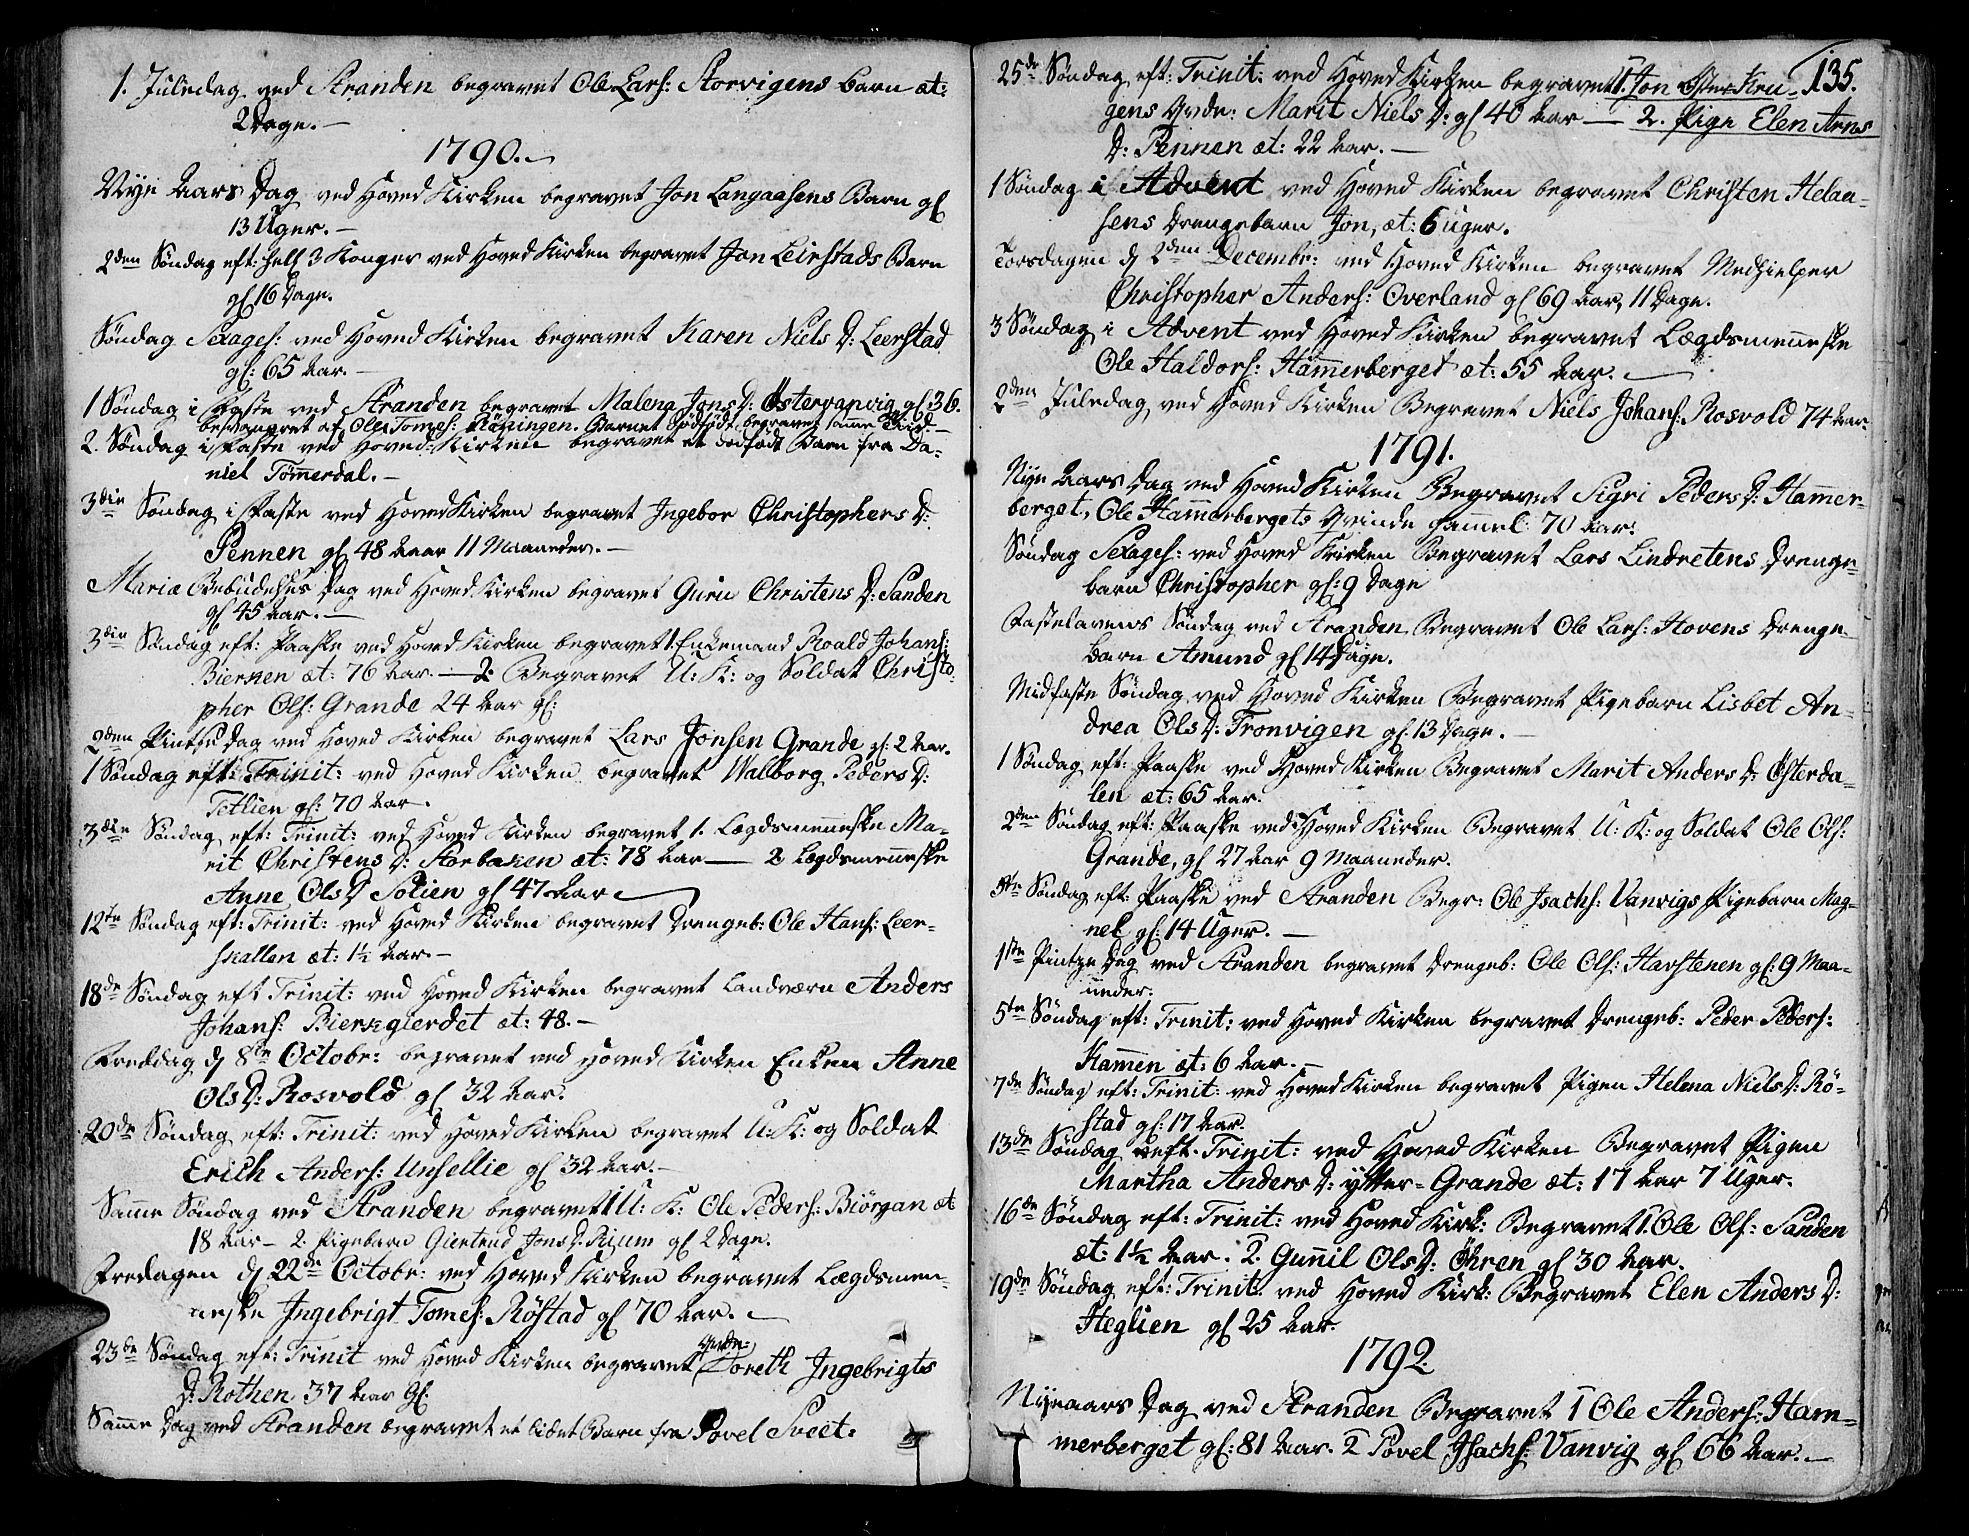 SAT, Ministerialprotokoller, klokkerbøker og fødselsregistre - Nord-Trøndelag, 701/L0004: Ministerialbok nr. 701A04, 1783-1816, s. 135